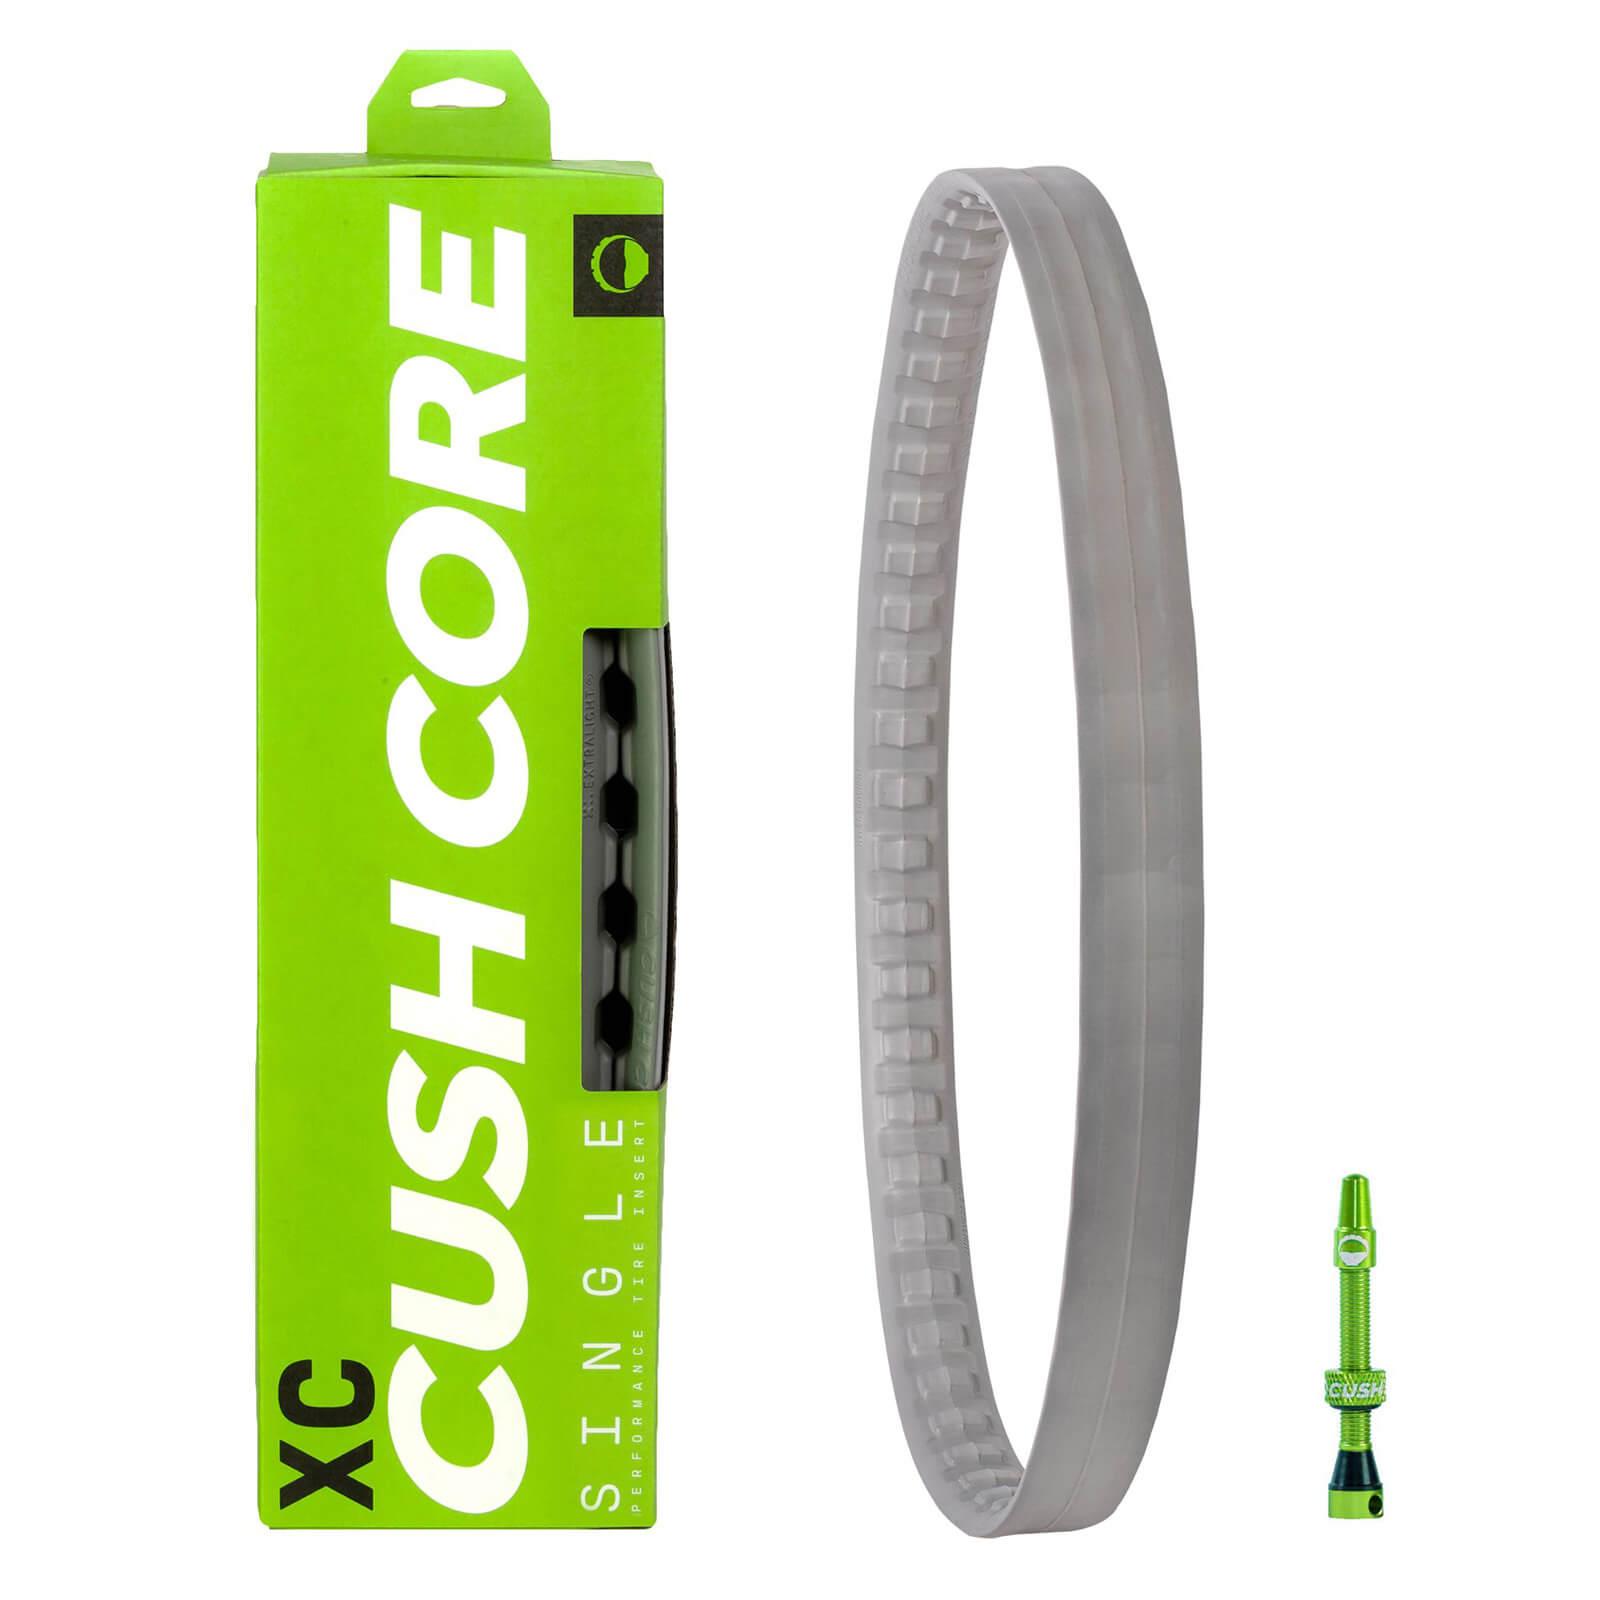 CushCore Tyre Insert - Single - XC 29